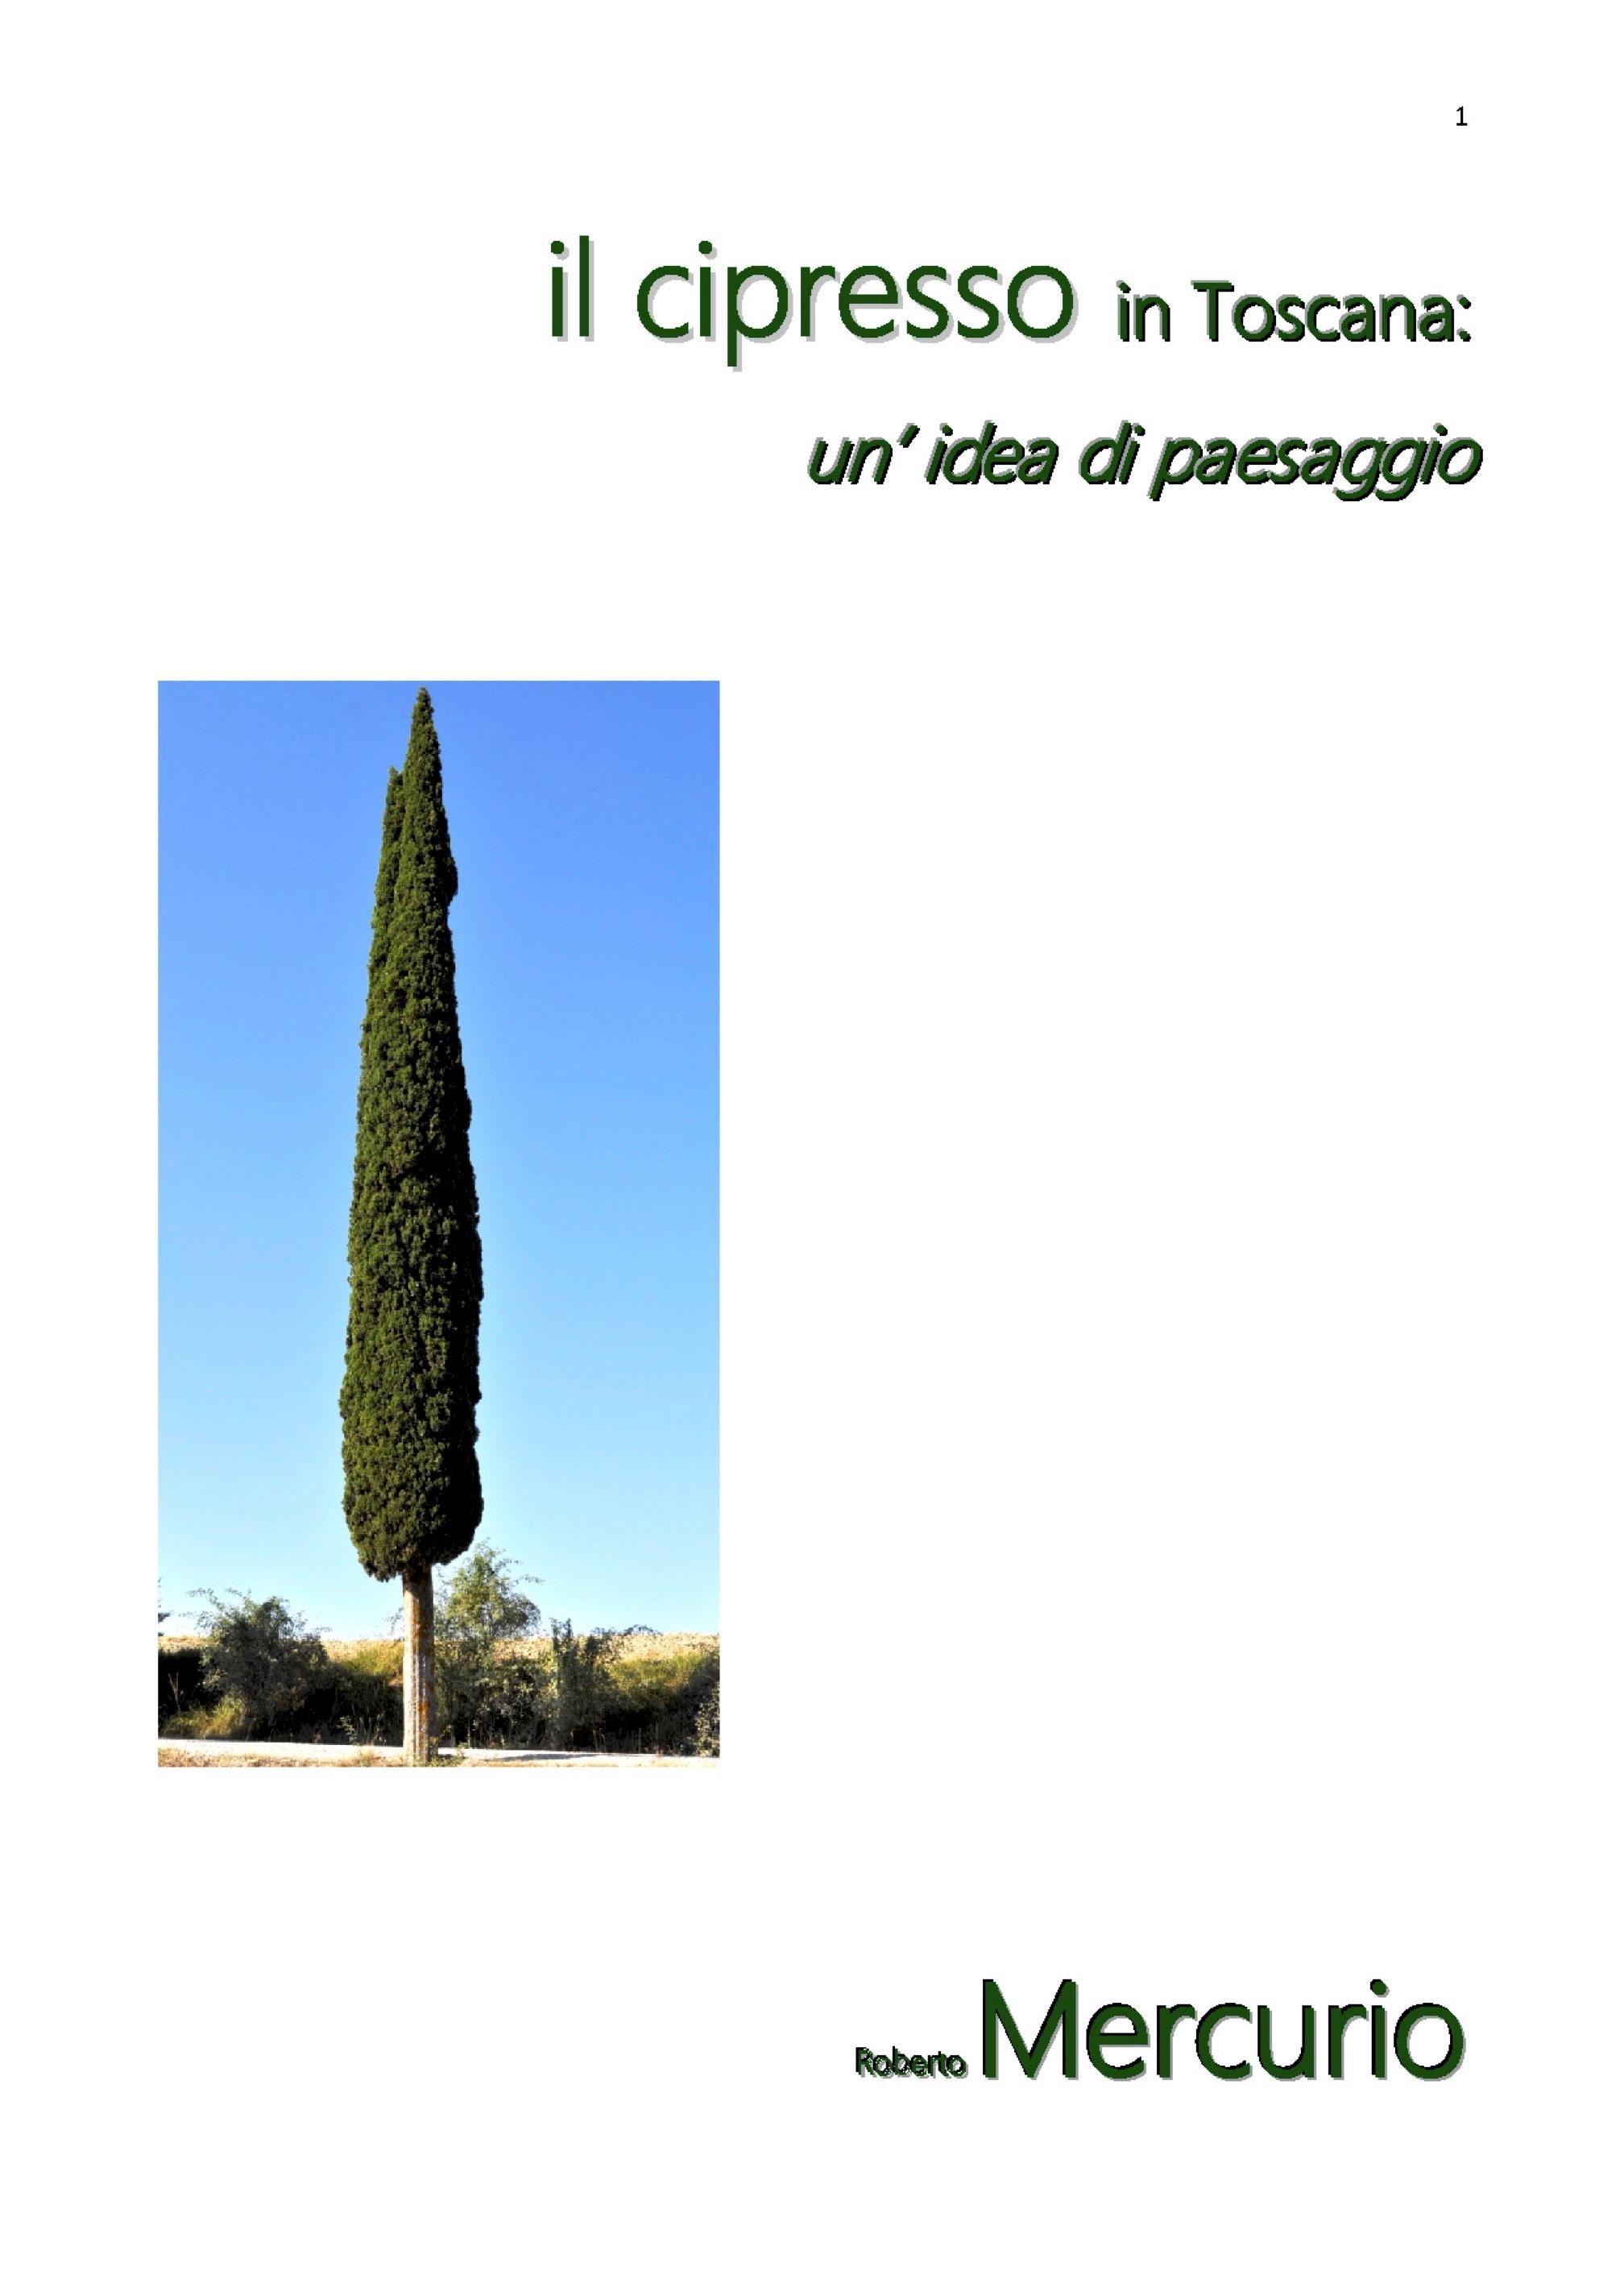 Il cipresso in Toscana: un' idea di paesaggio